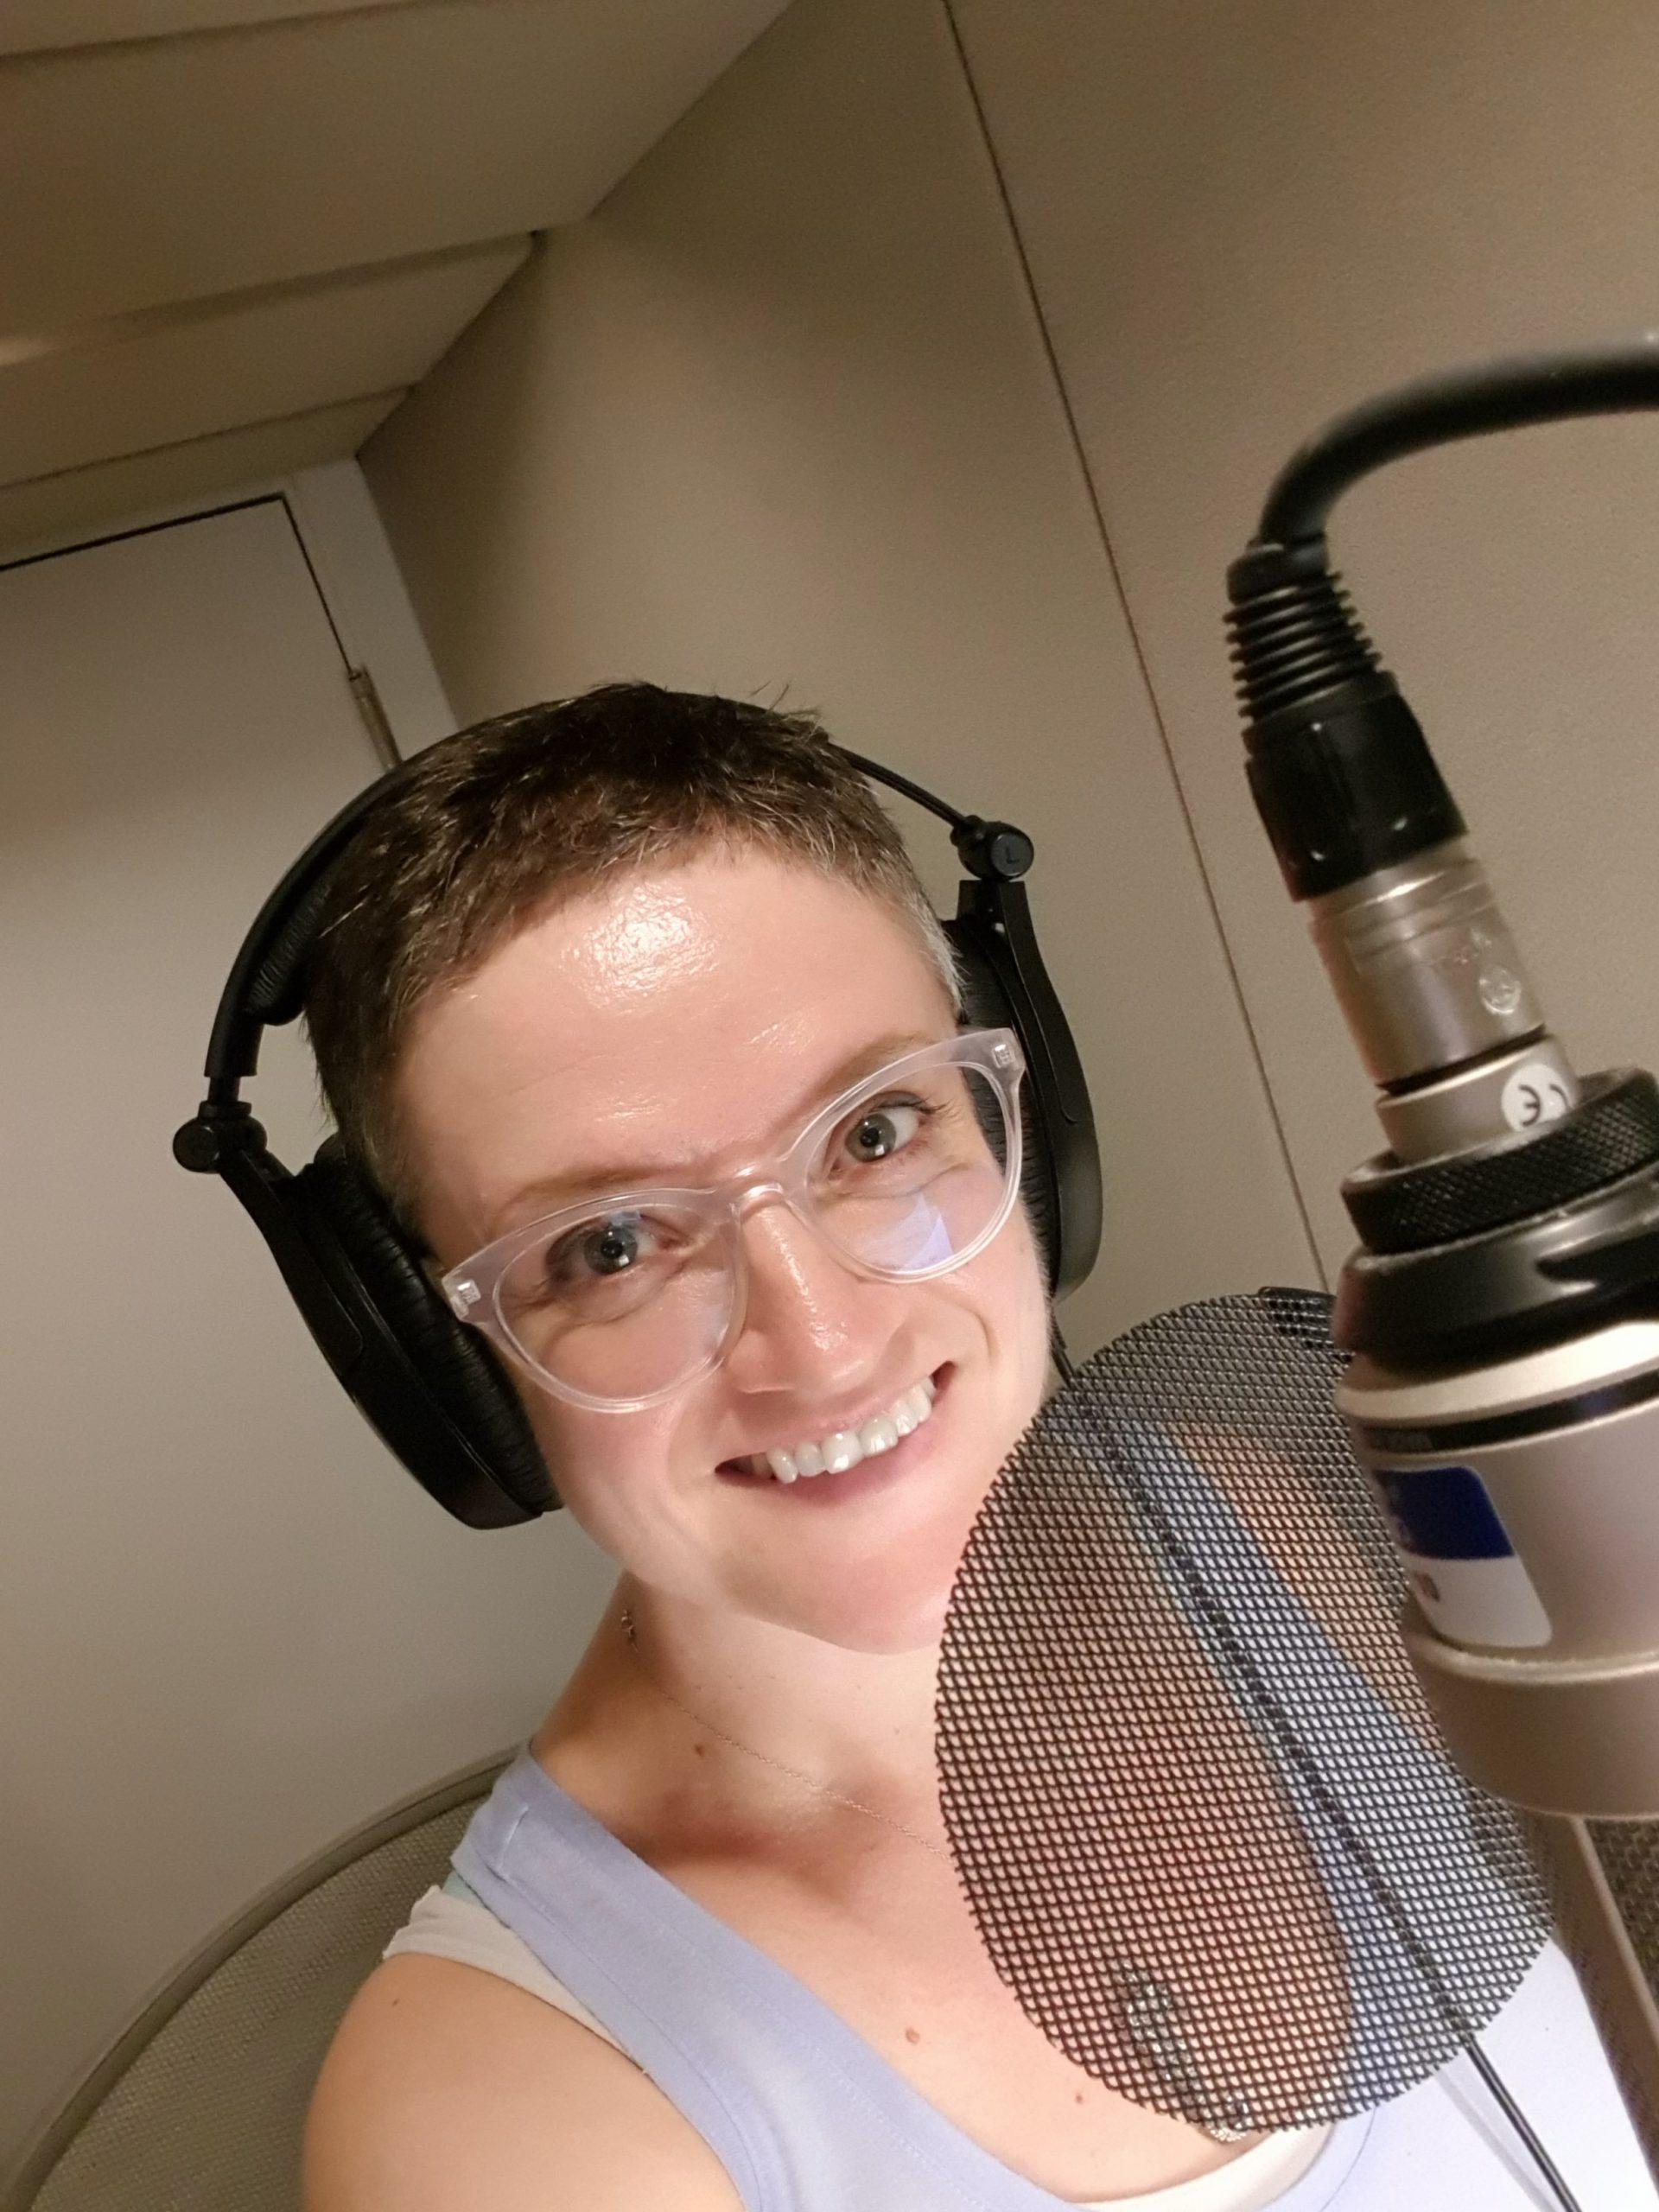 Marilla Wex - British Voice Actor